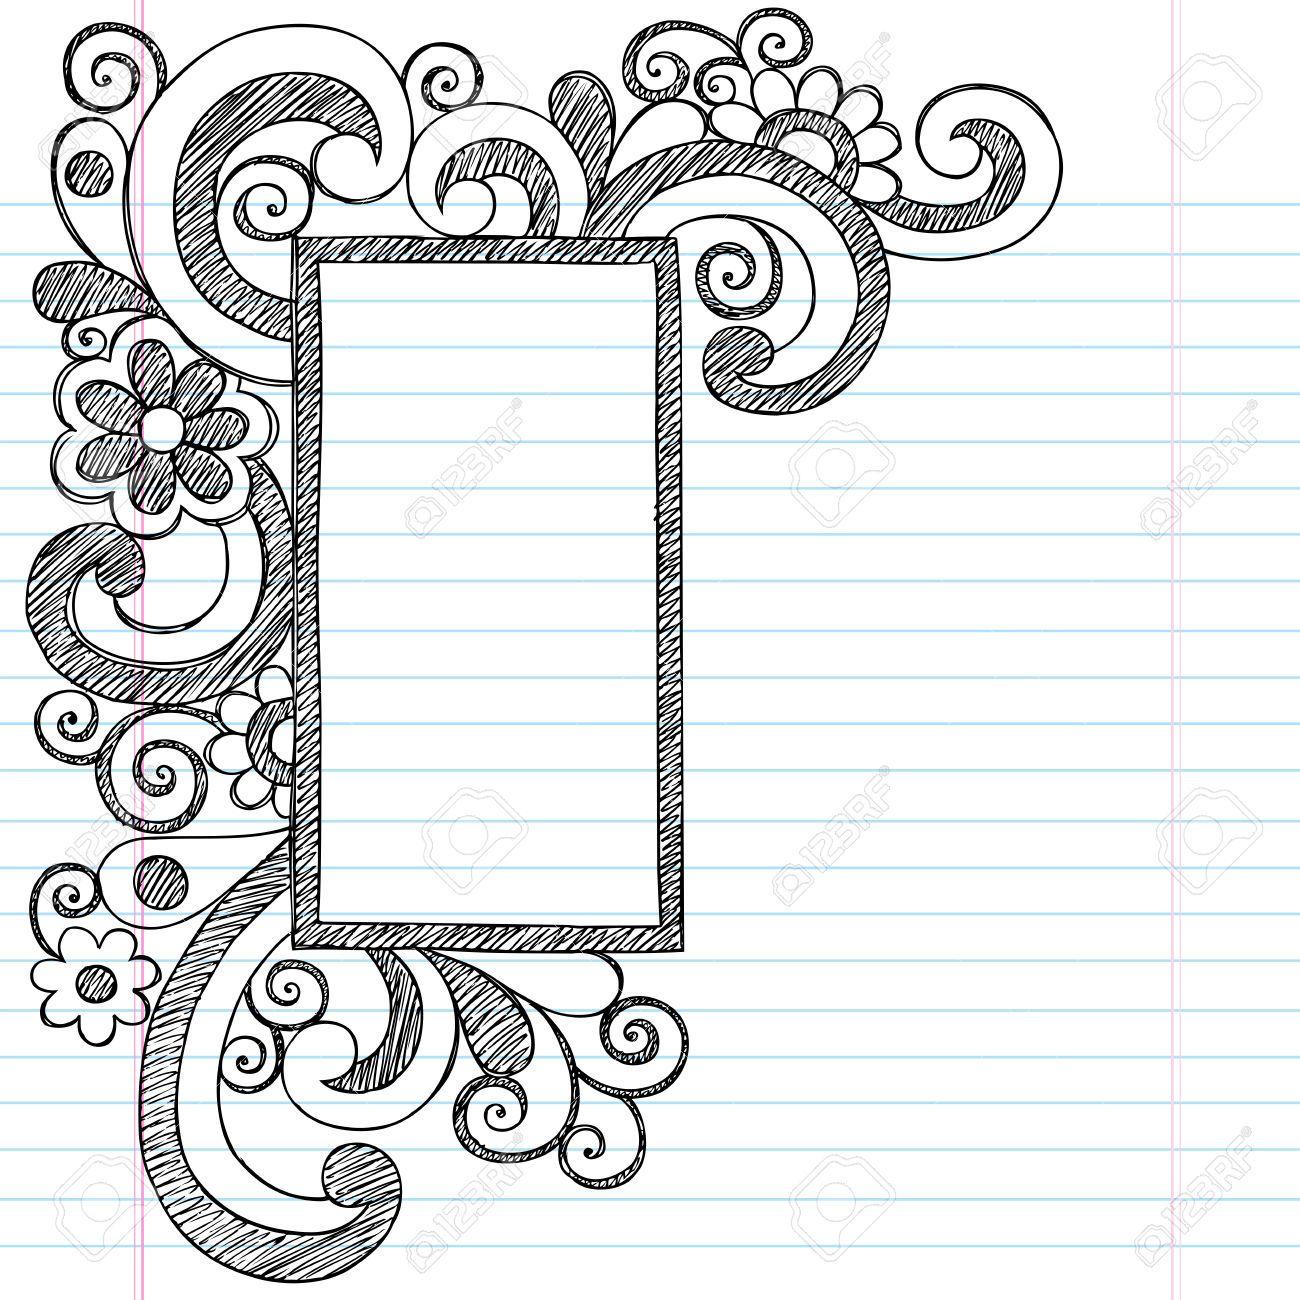 Line Art Doodles : Doodle designs line drawings google search